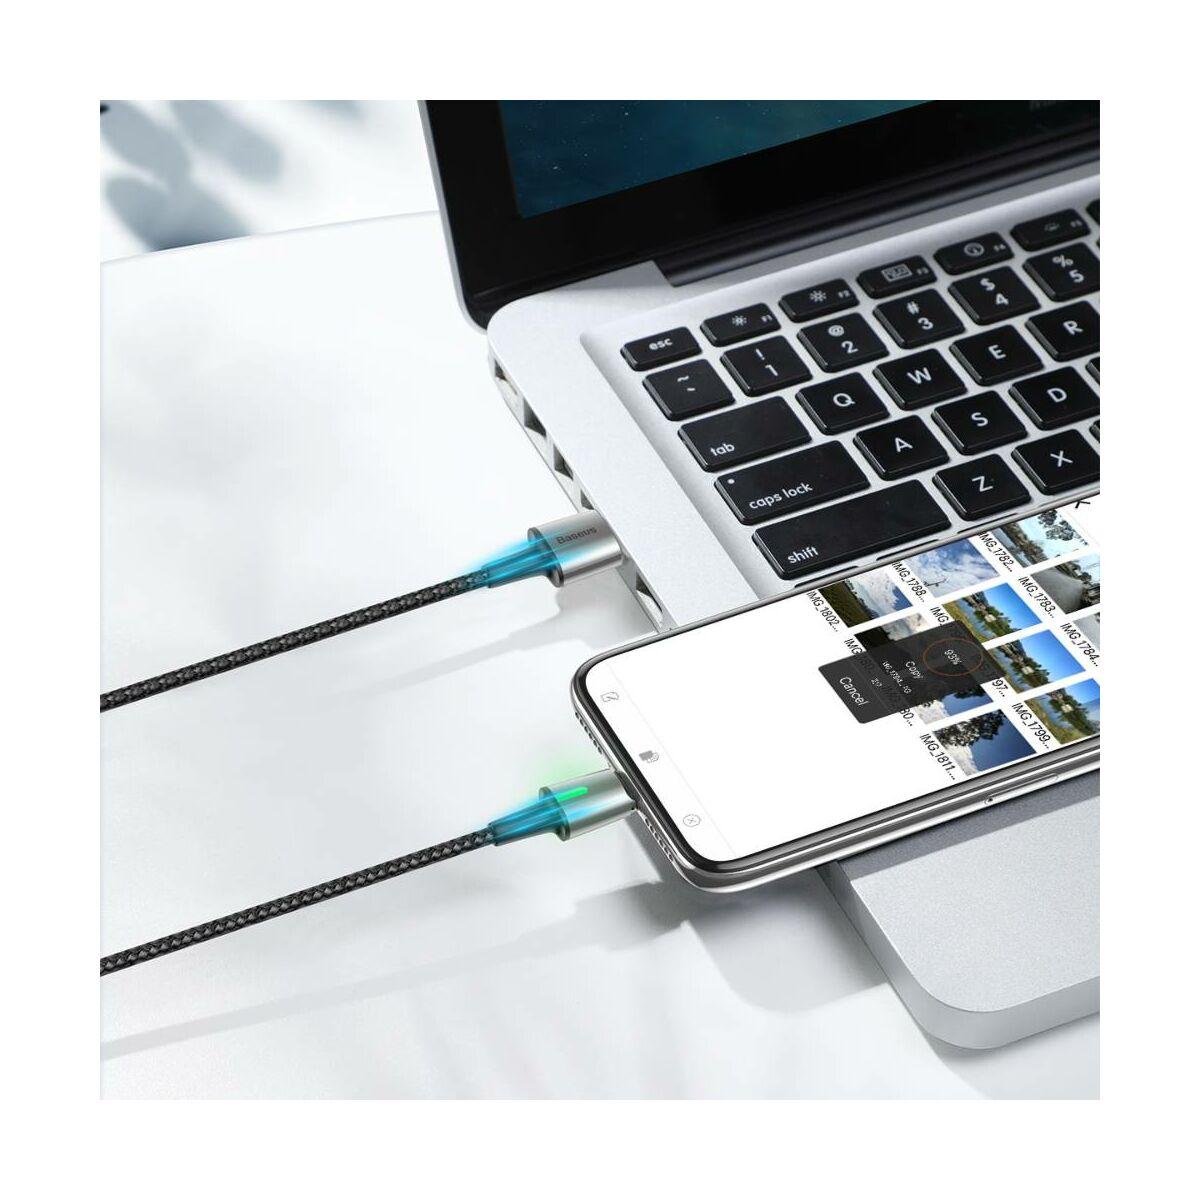 Baseus Univerzális kábel, Zinc mágneses USB véggel + töltőfej szett (Lightning/Type-C/Micro) 3A, 1m, fekete (TZCAXC-A01)